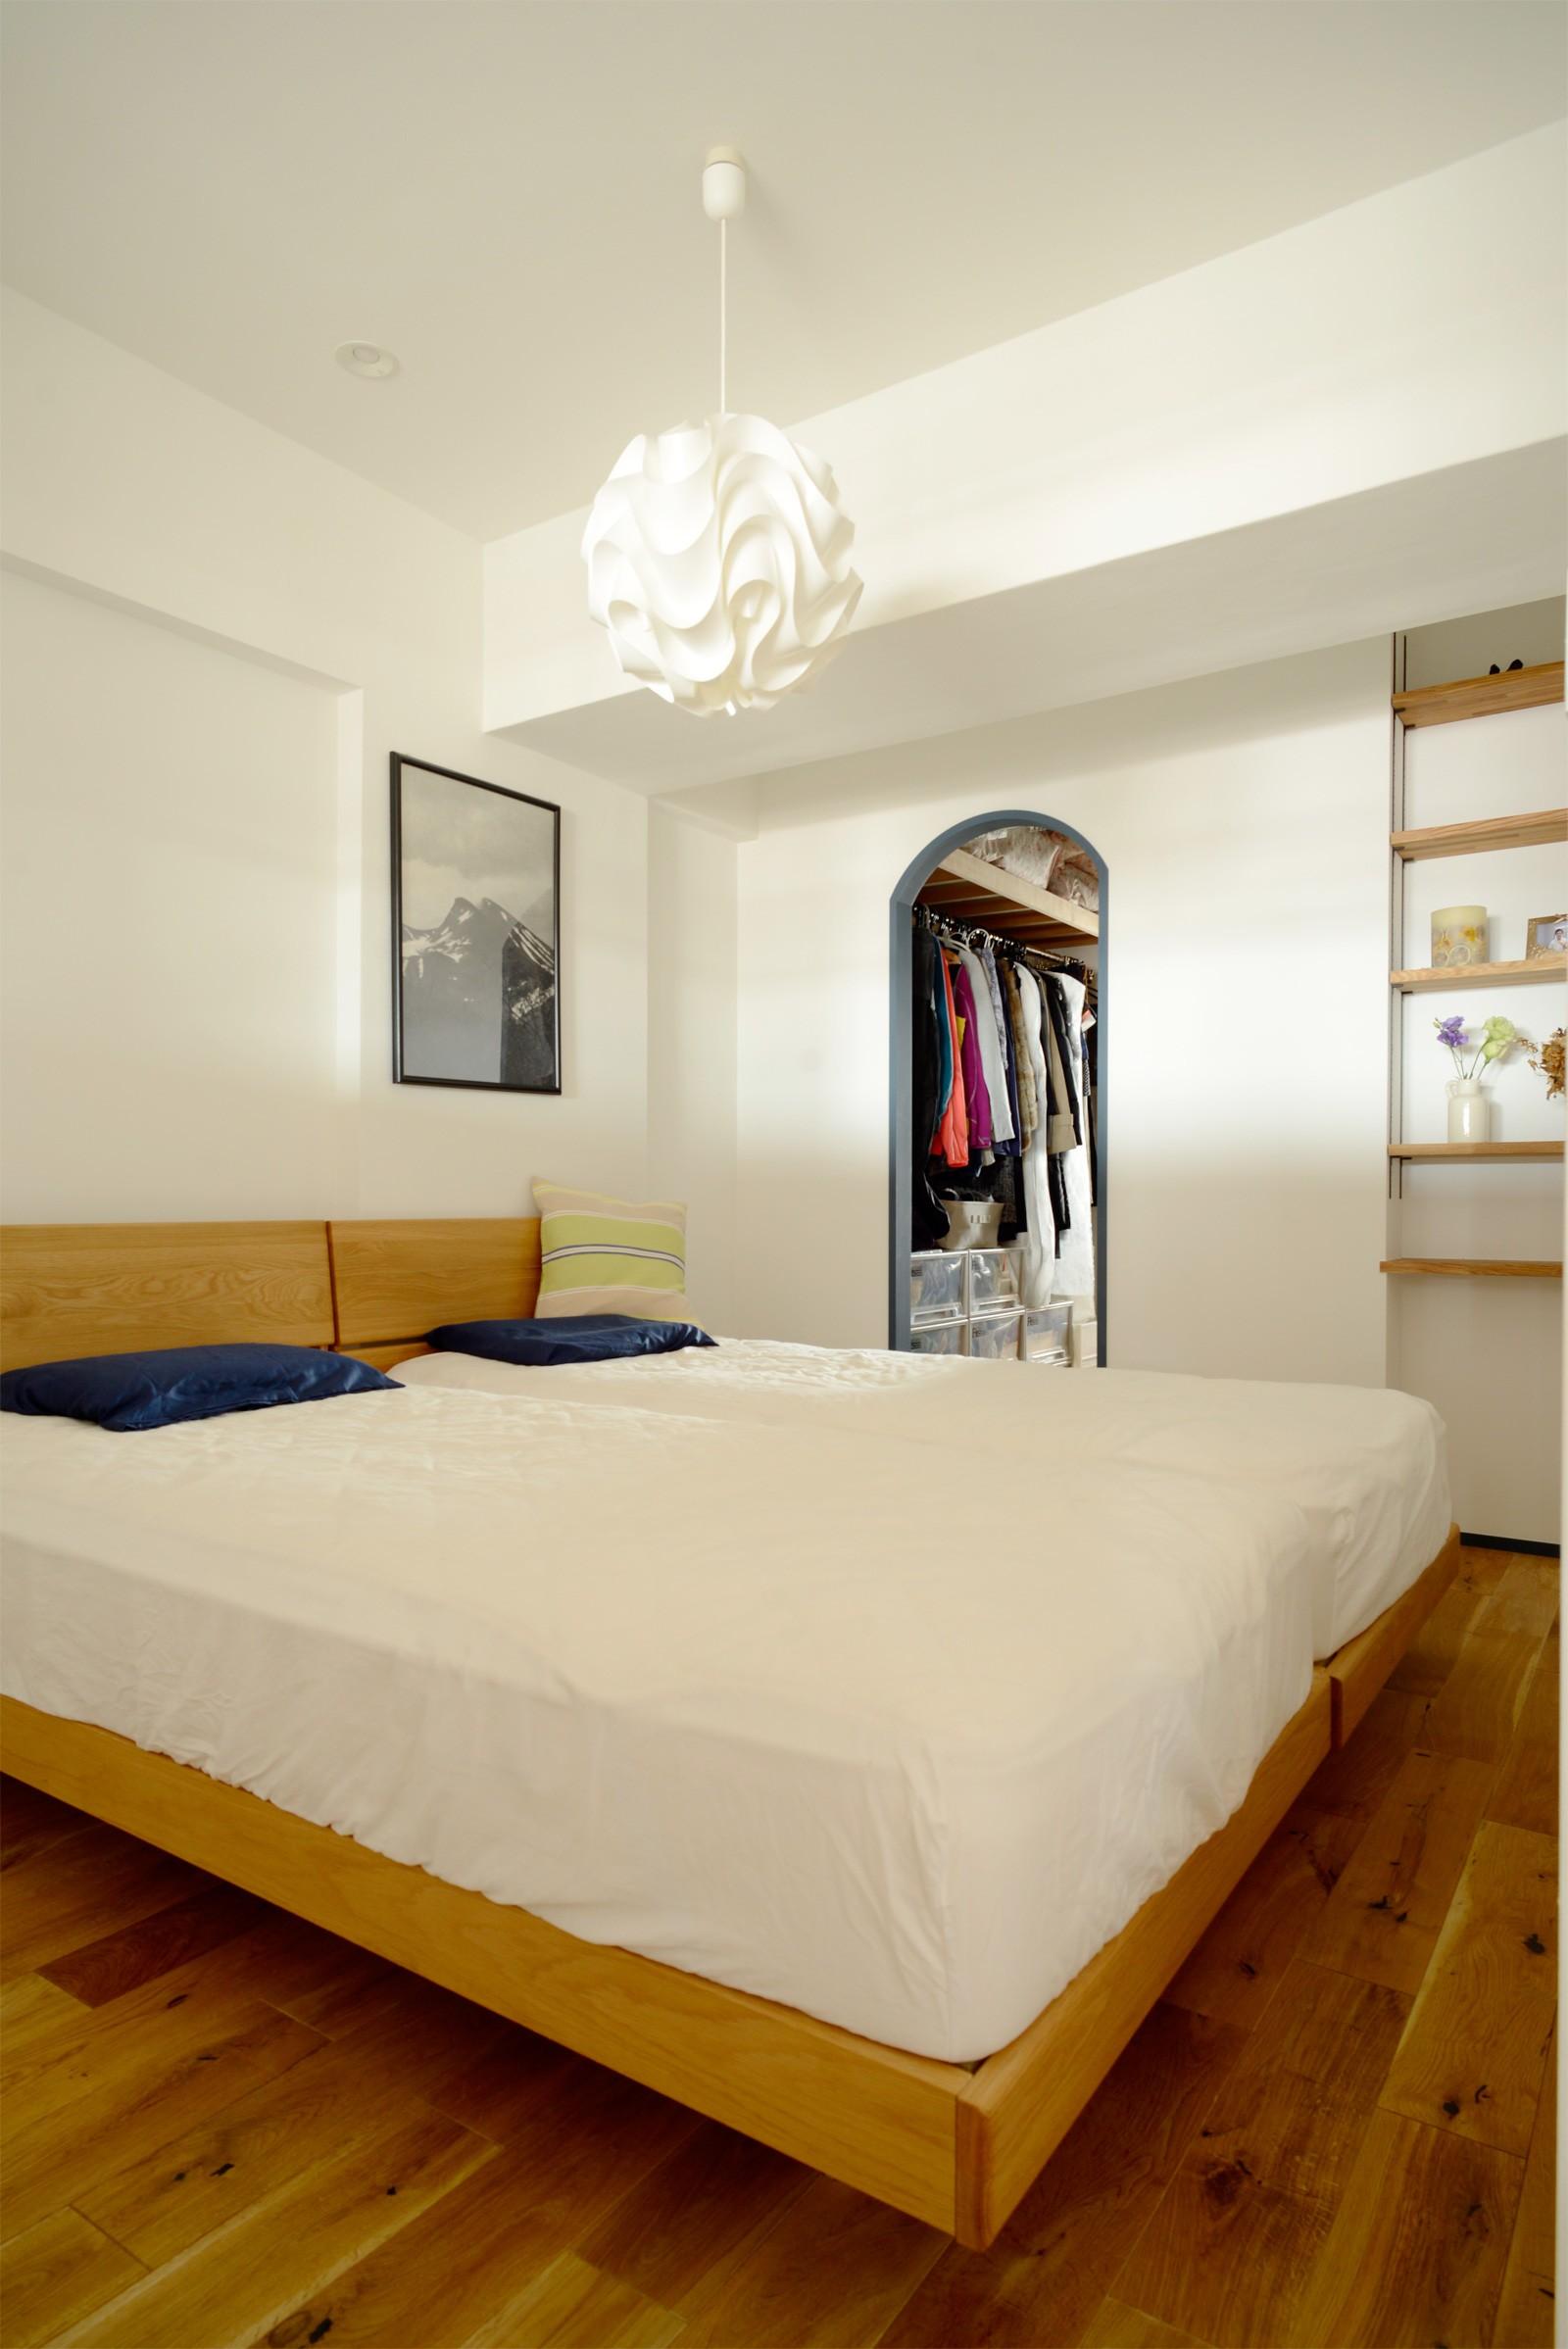 ベッドルーム事例:寝室(『grow』 ― たしかなこと)